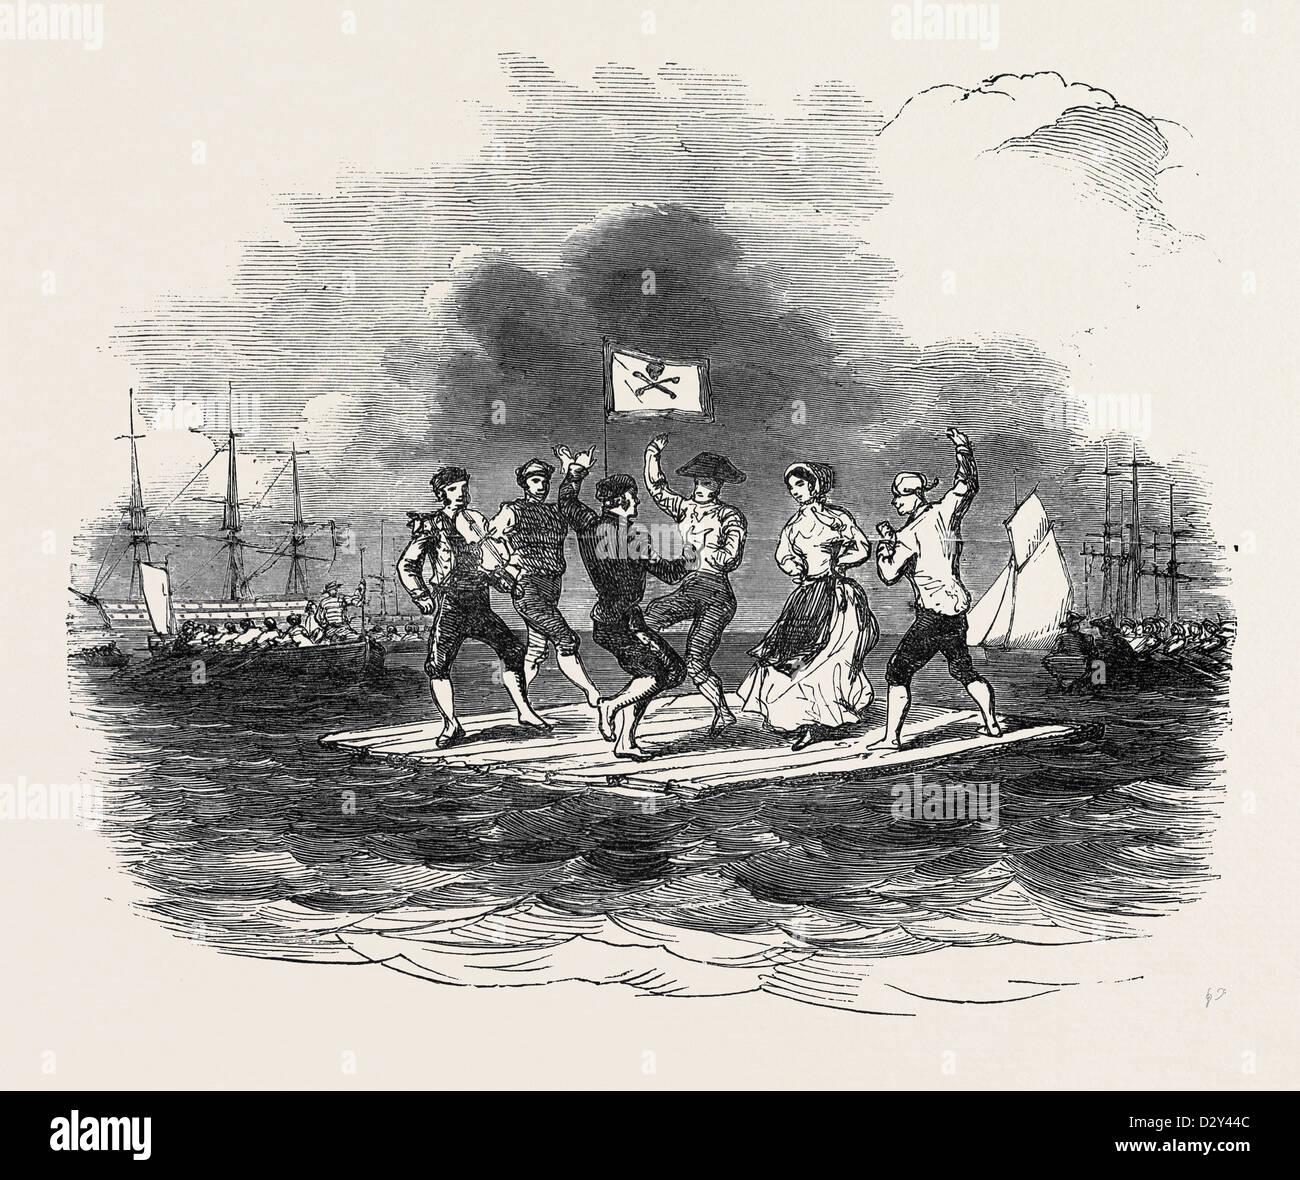 RAFT DANCE AT THE SQUADRON REGATTA, CORK, 1852 - Stock Image